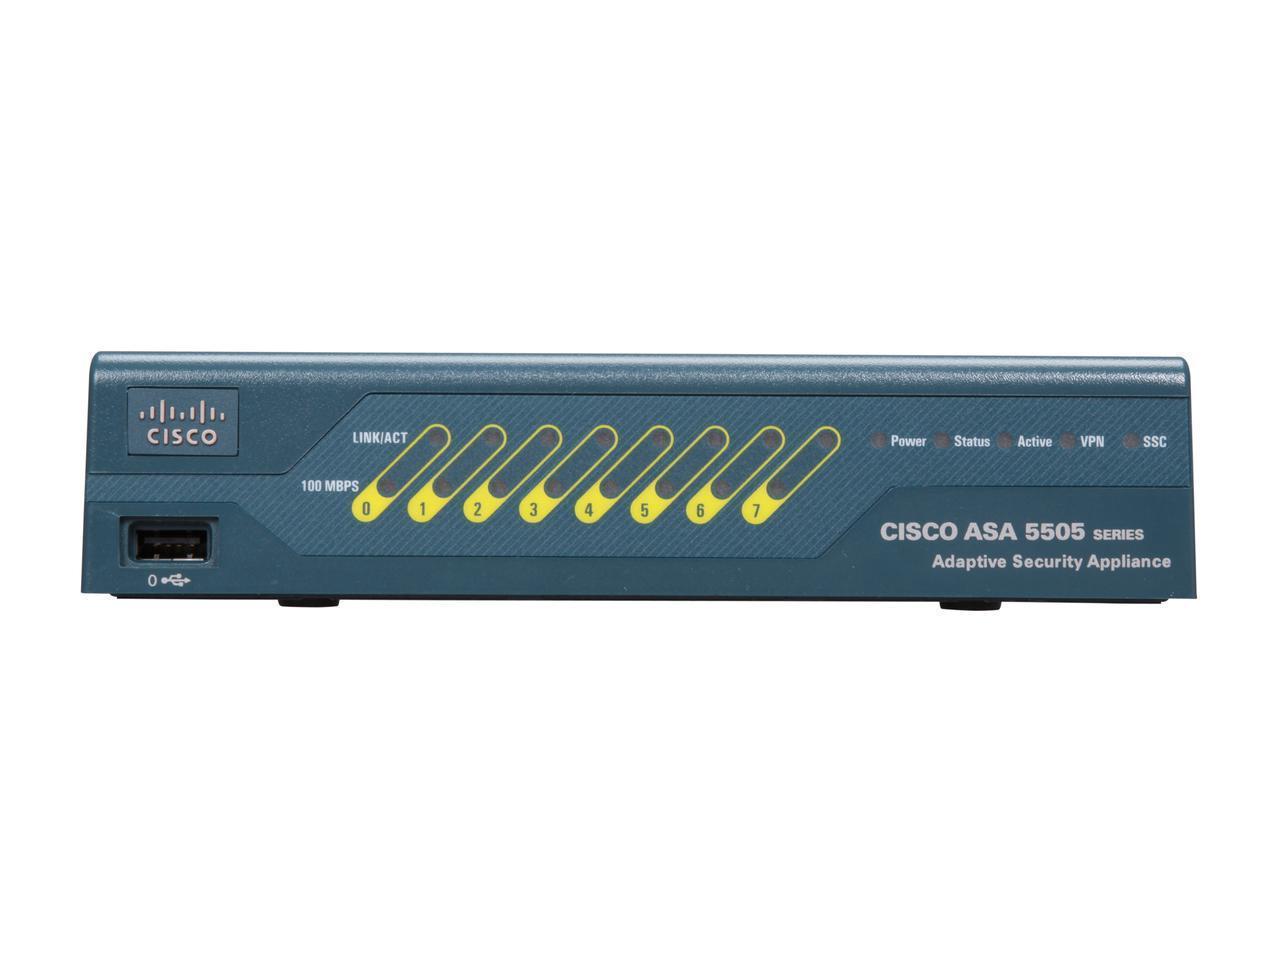 Cisco ASA 5505 10-User Network Security/Firewall Appliance Model ASA5505-BUN-K9 - Newegg.com